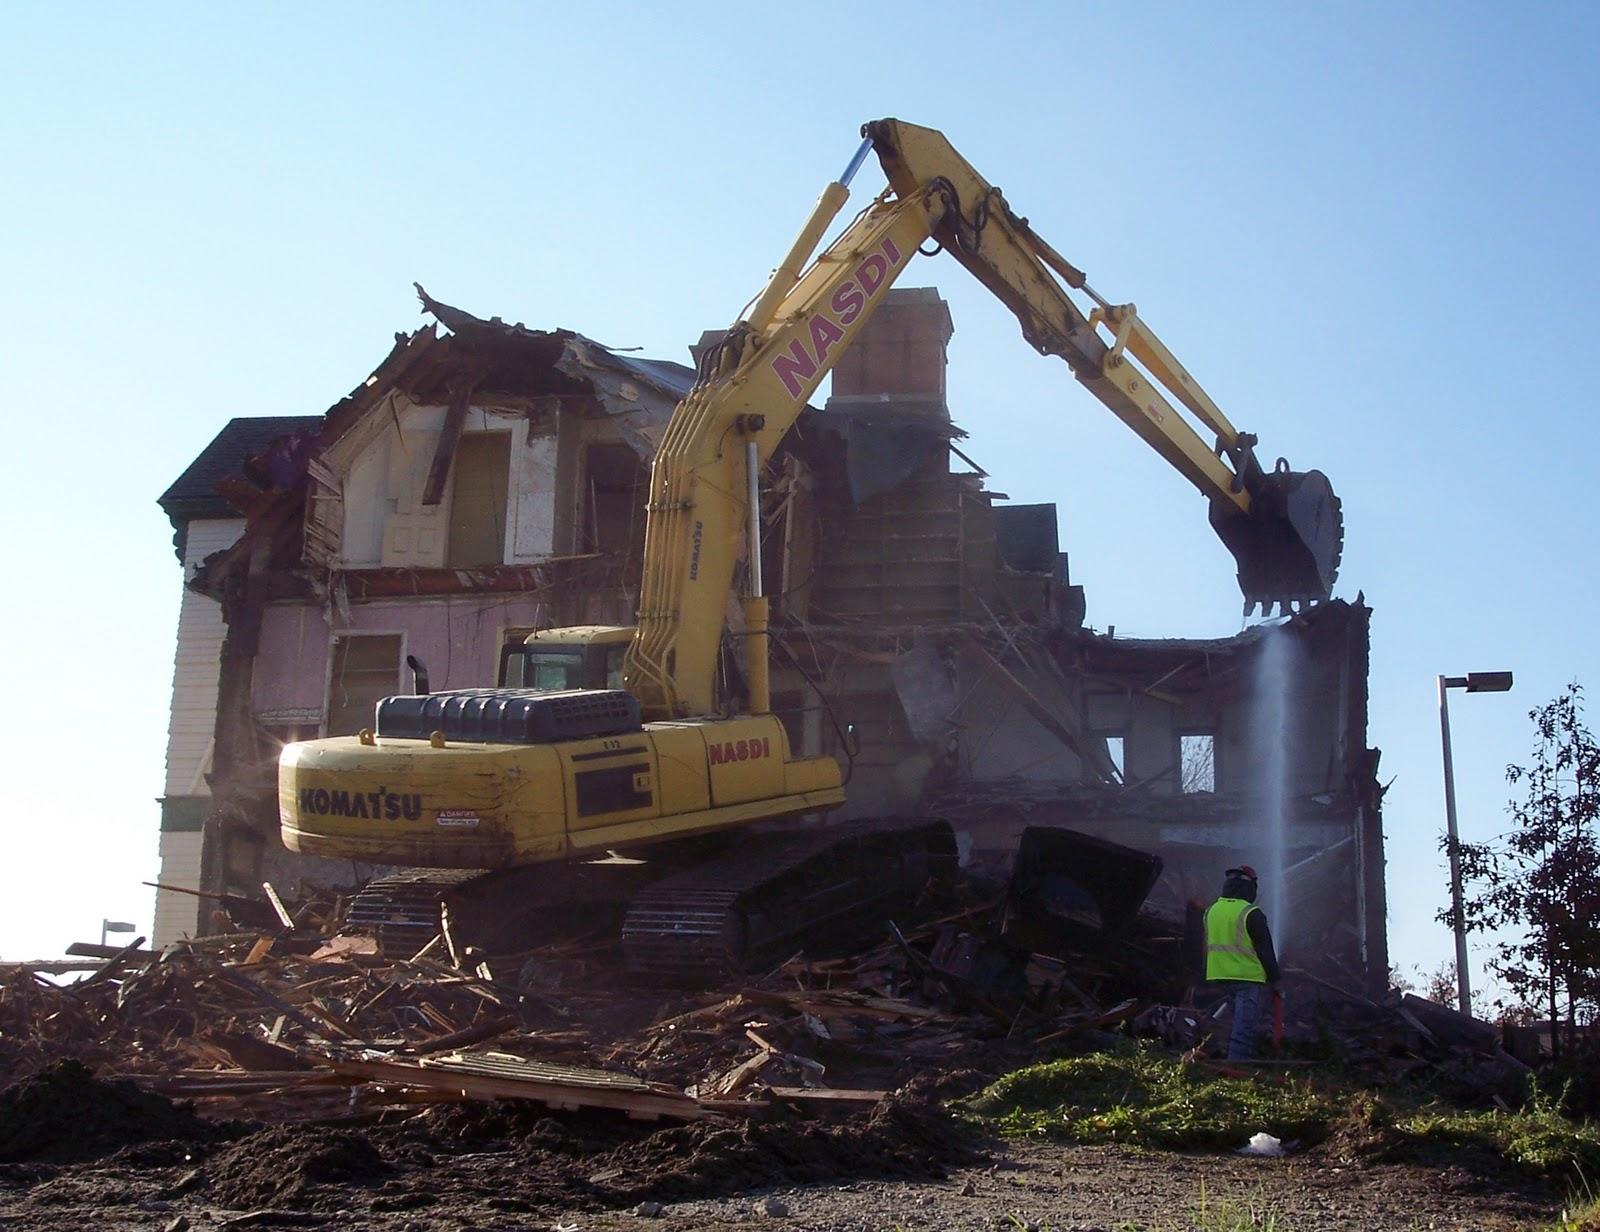 house demolition clipart - photo #15